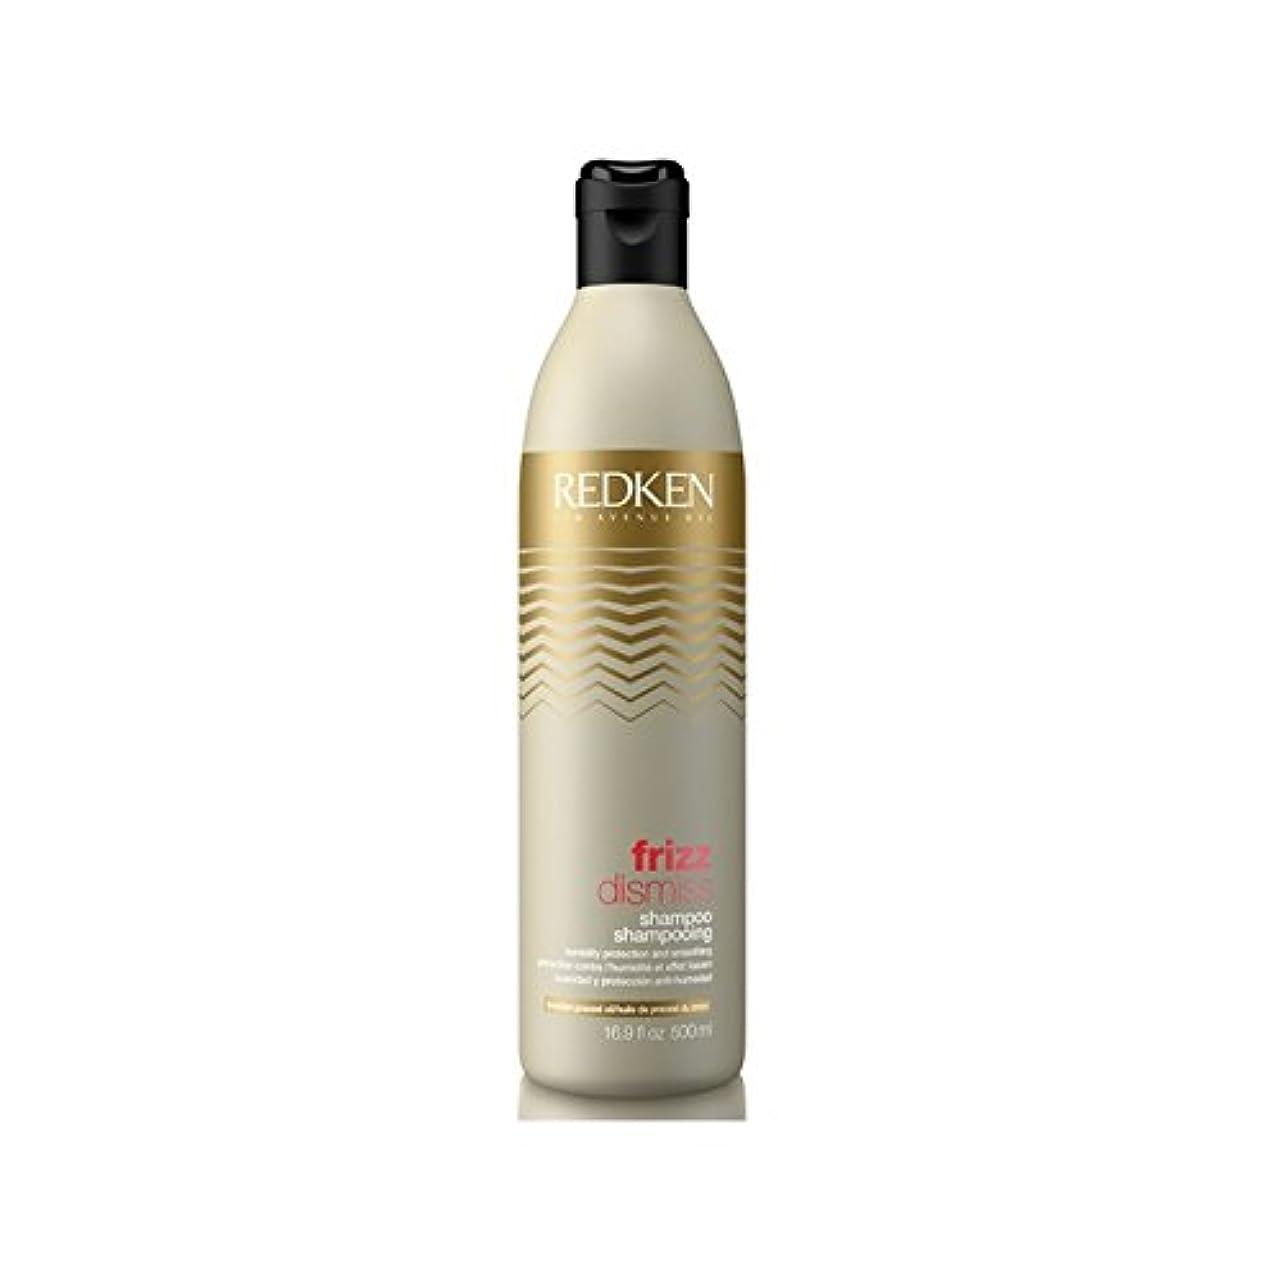 アライメント膨張する野なRedken Frizz Dismiss Shampoo 500ml - レッドケンの縮れシャンプー500ミリリットルを解任 [並行輸入品]